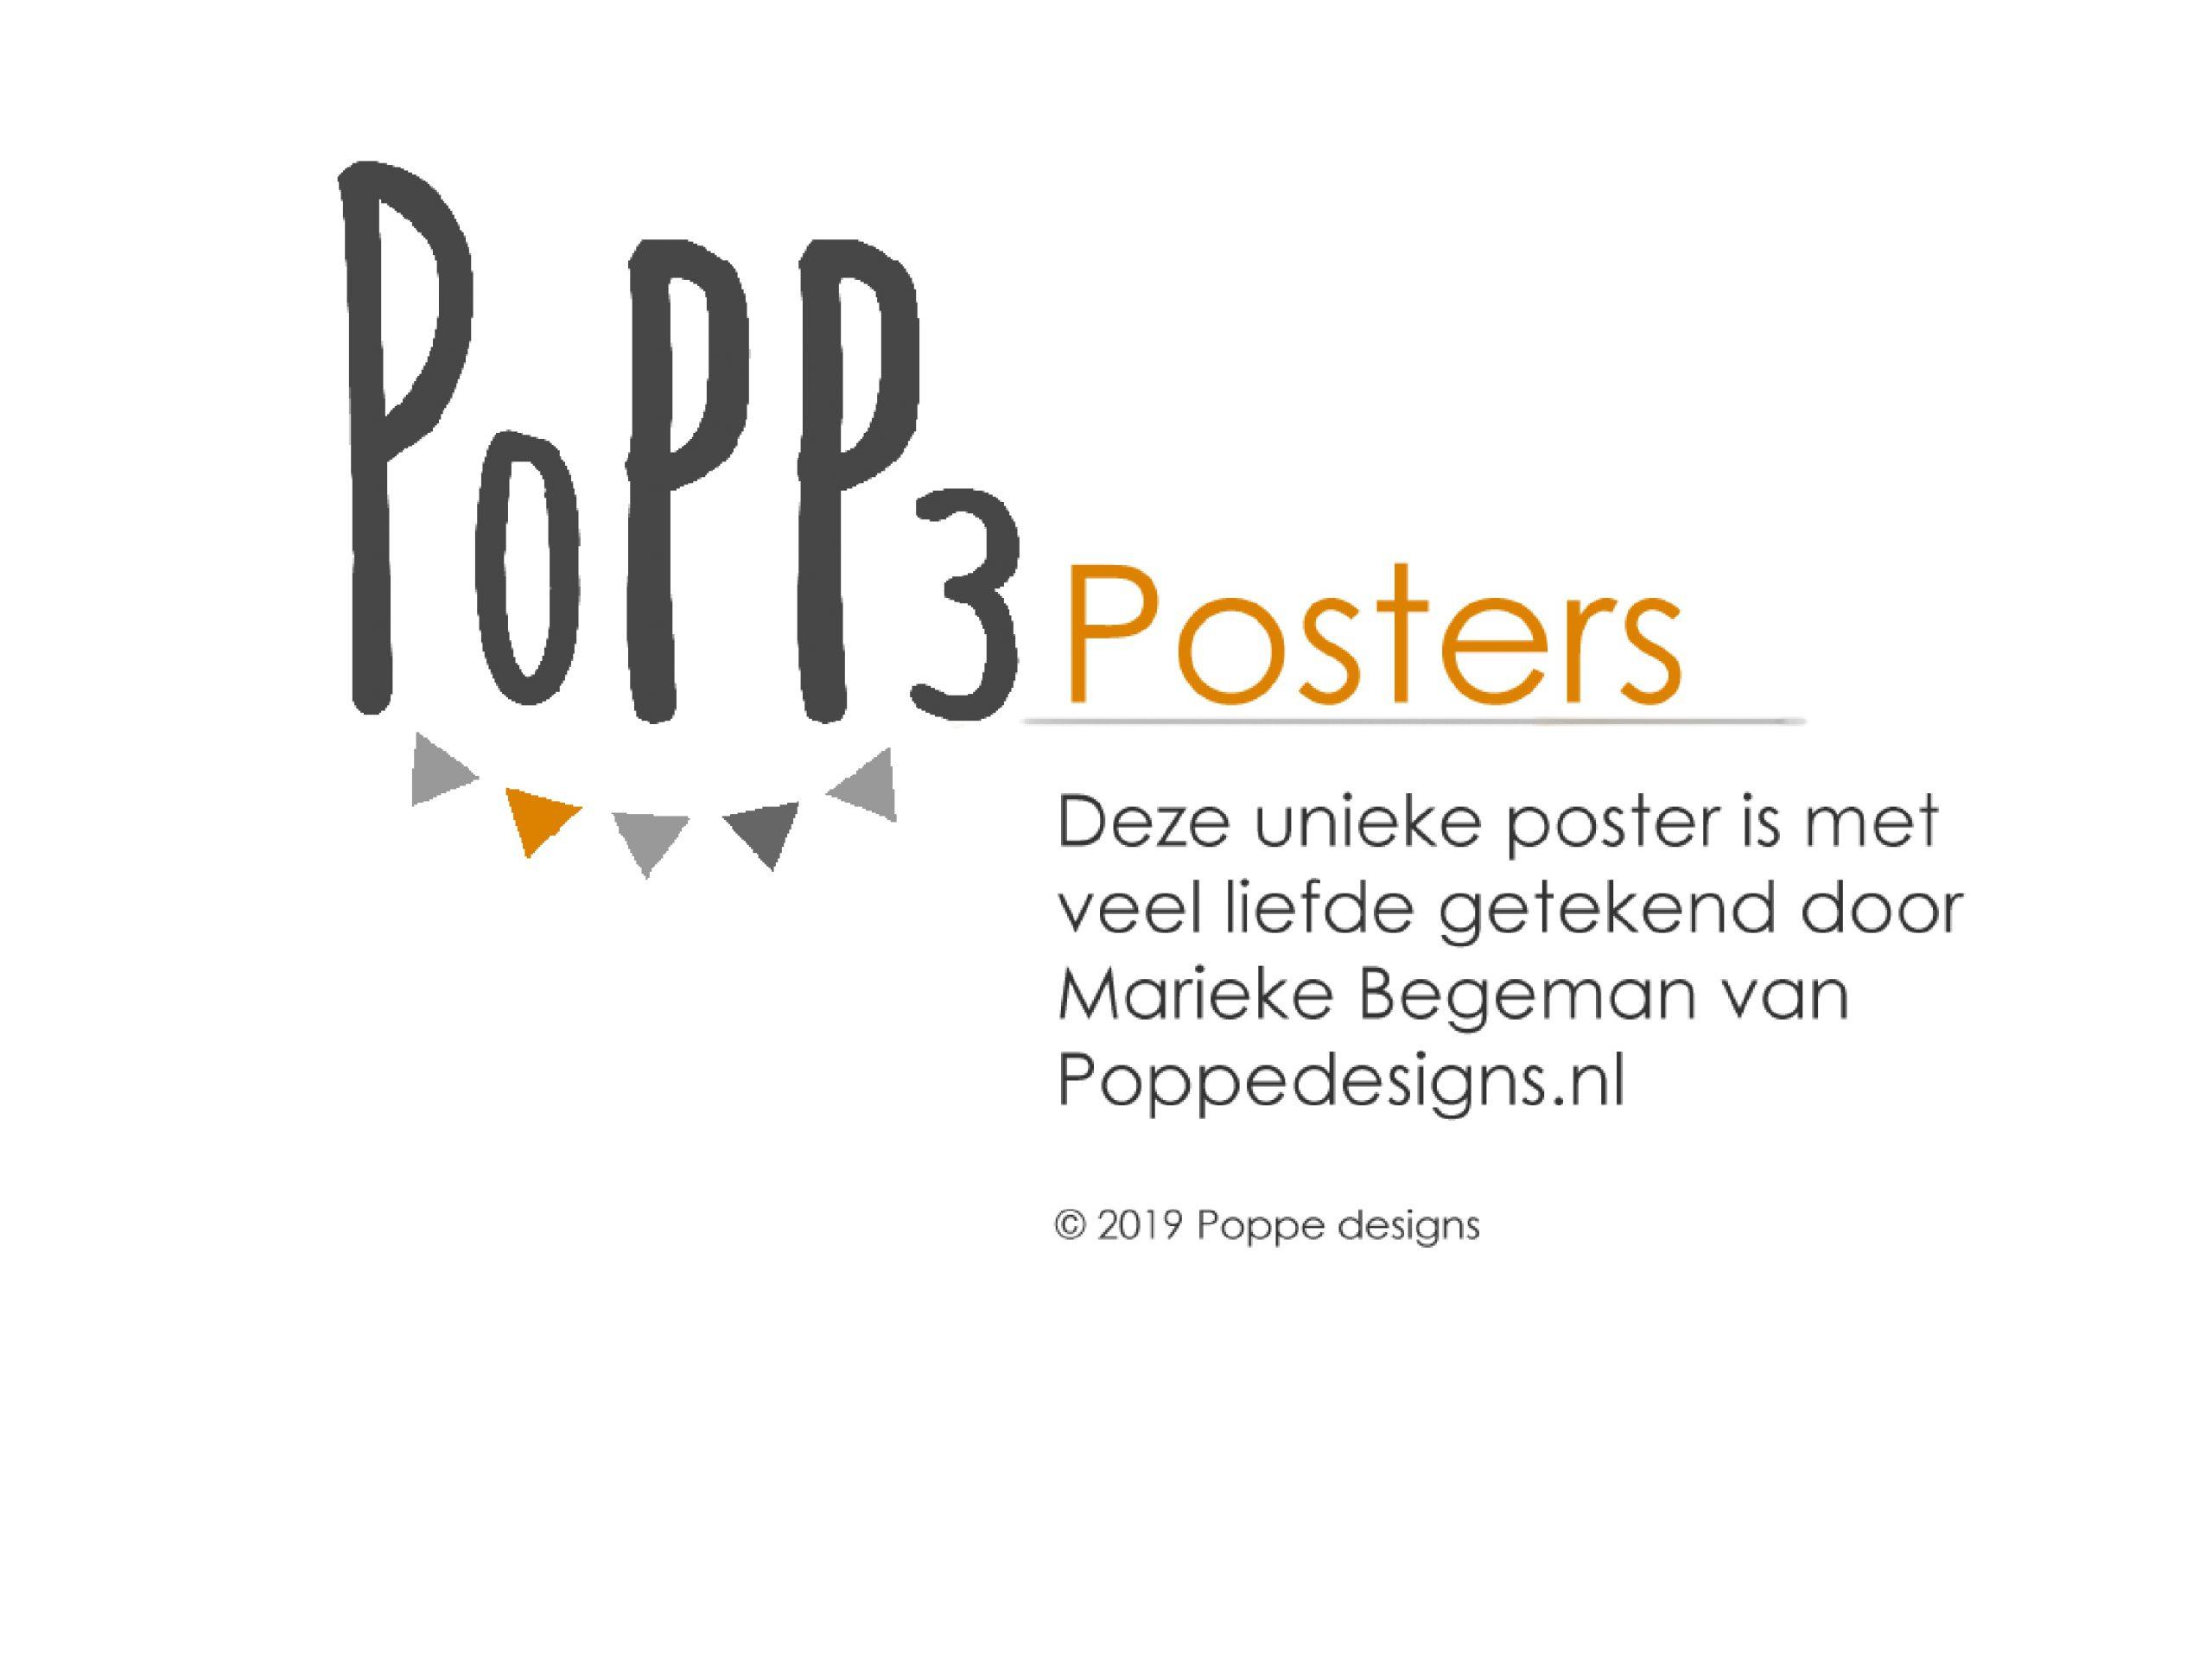 poster forest friend getekend door Marieke Begeman